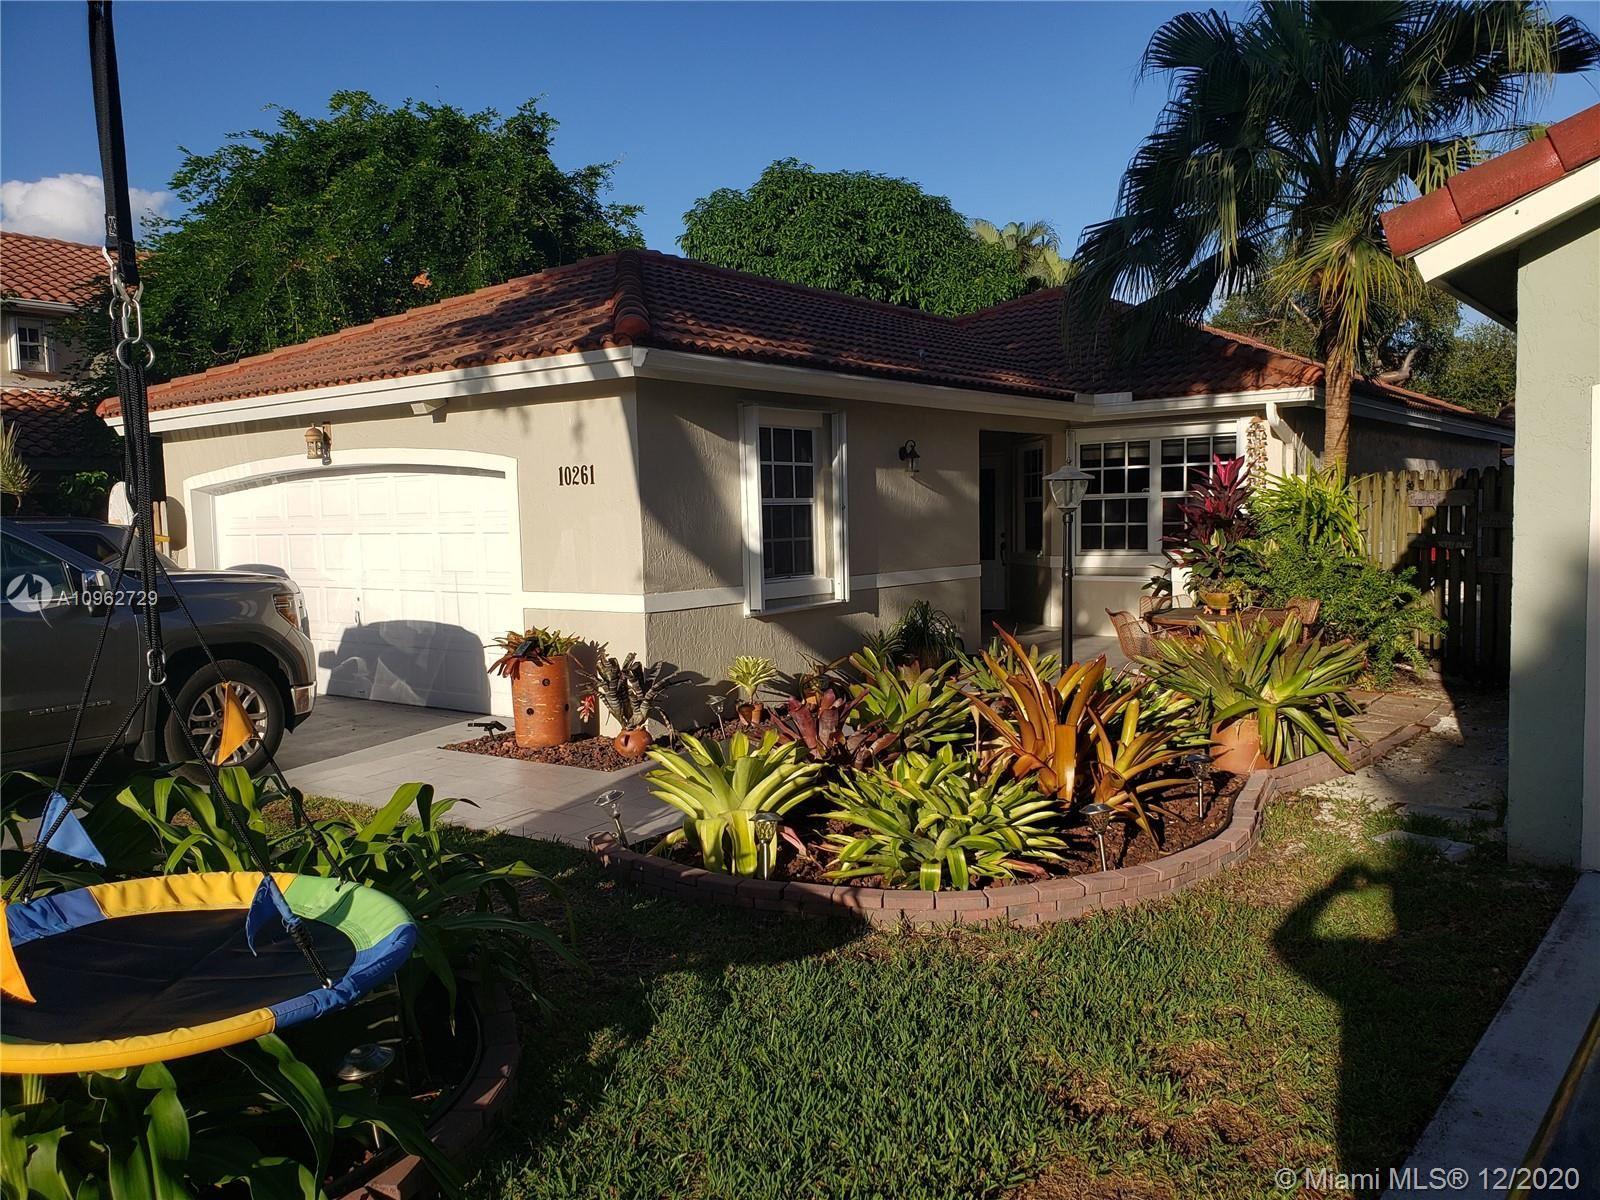 10261 SW 138th Ct, Miami, FL 33186 - #: A10962729